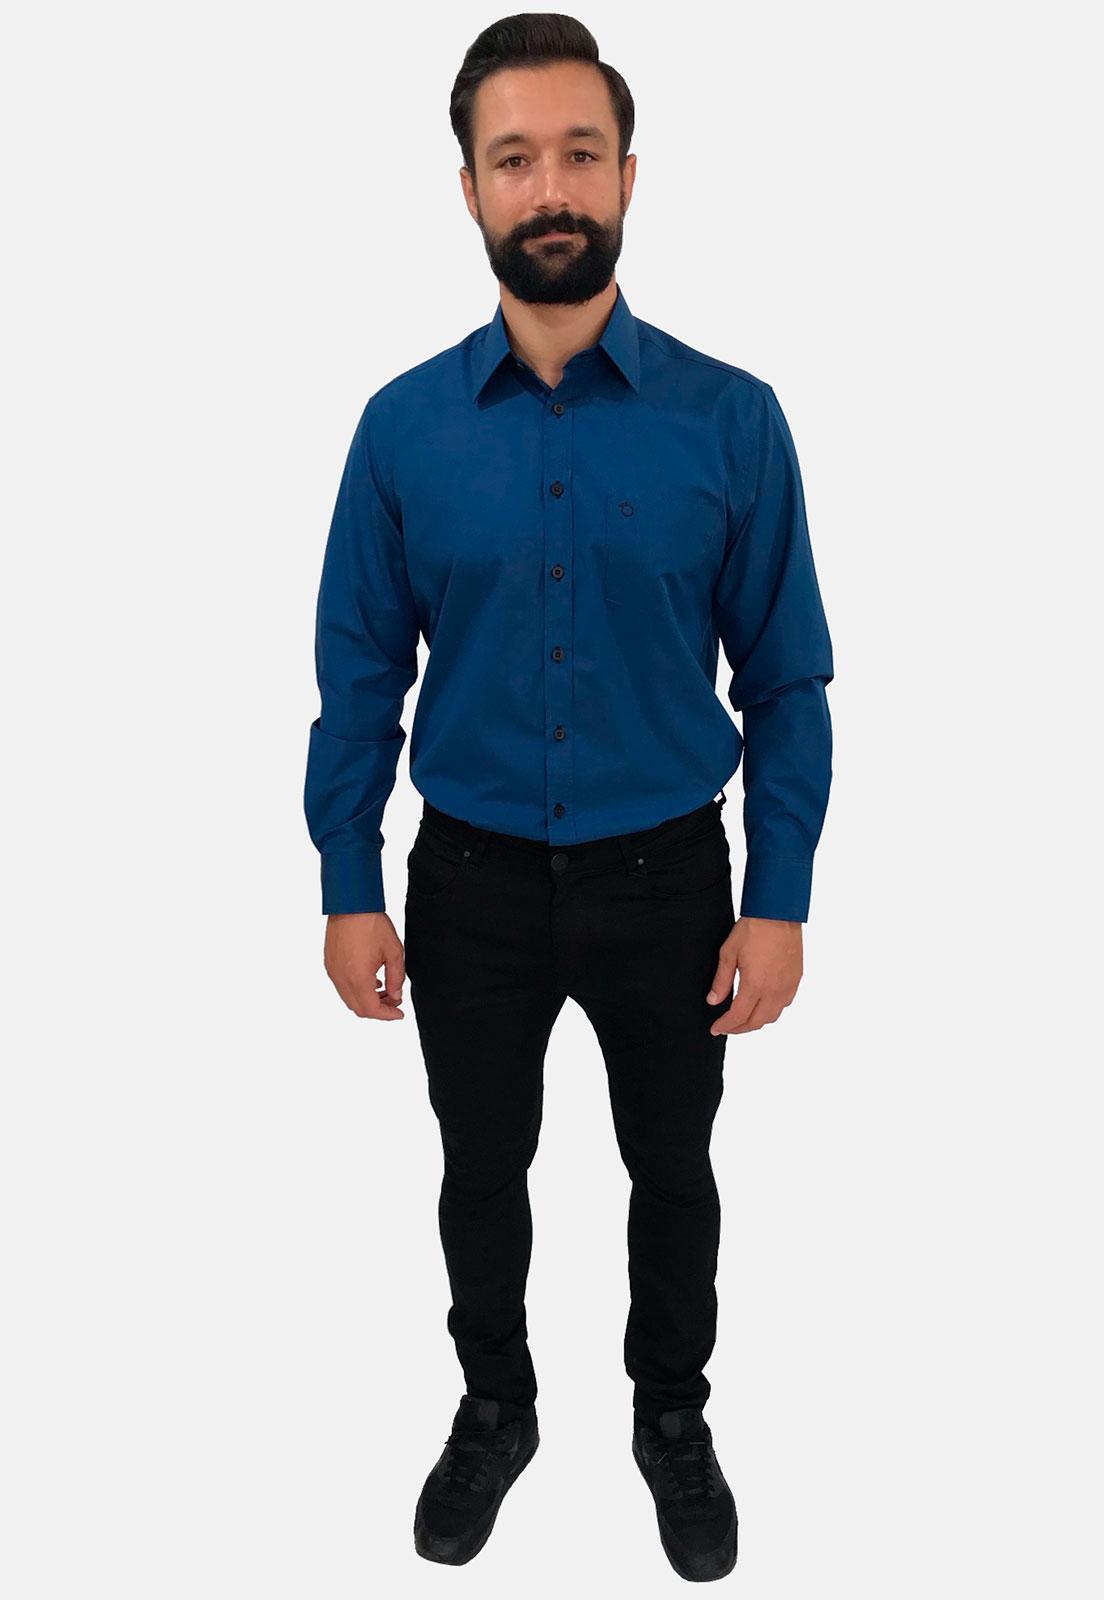 Camisa Social Masculina Olimpo Xadrez com Bolso Manga Longa